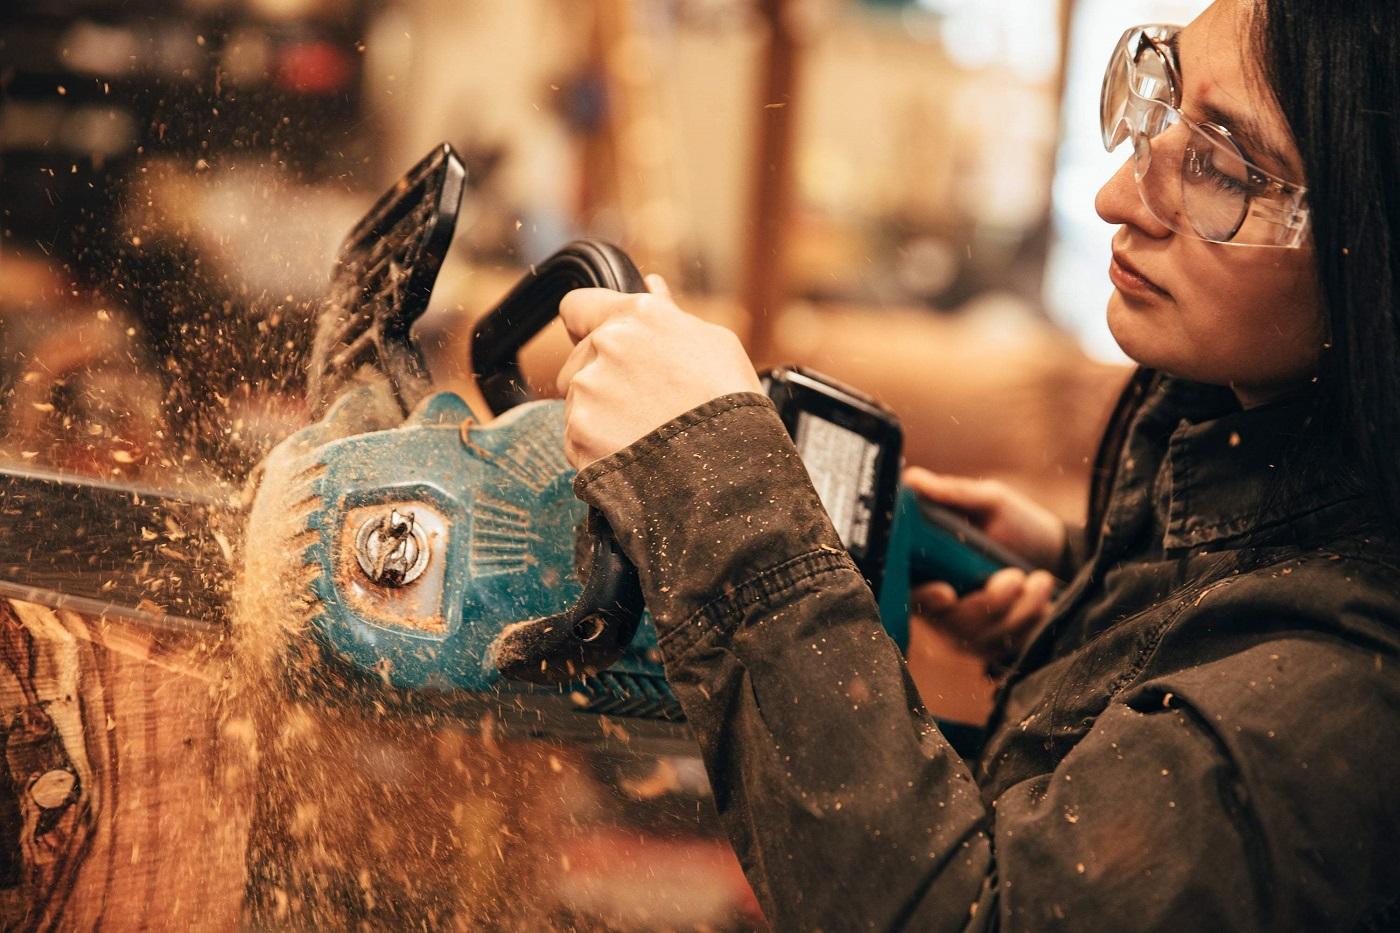 Esculpindo com uma serra elétrica(Foto: Divulgação)